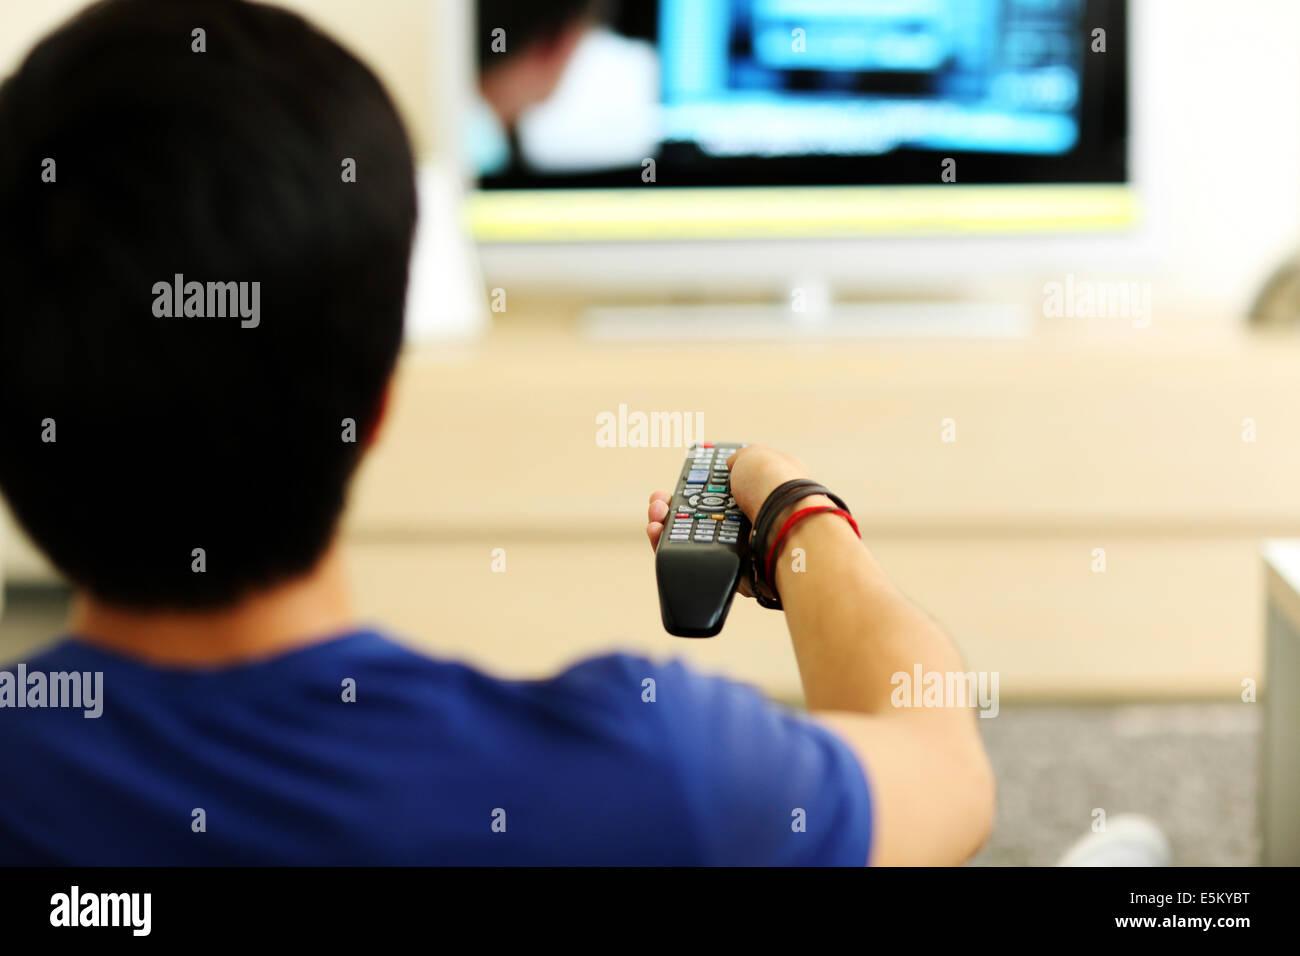 Vue Arriere Portrait D Un Homme Regardant La Tv A La Maison Dans Le